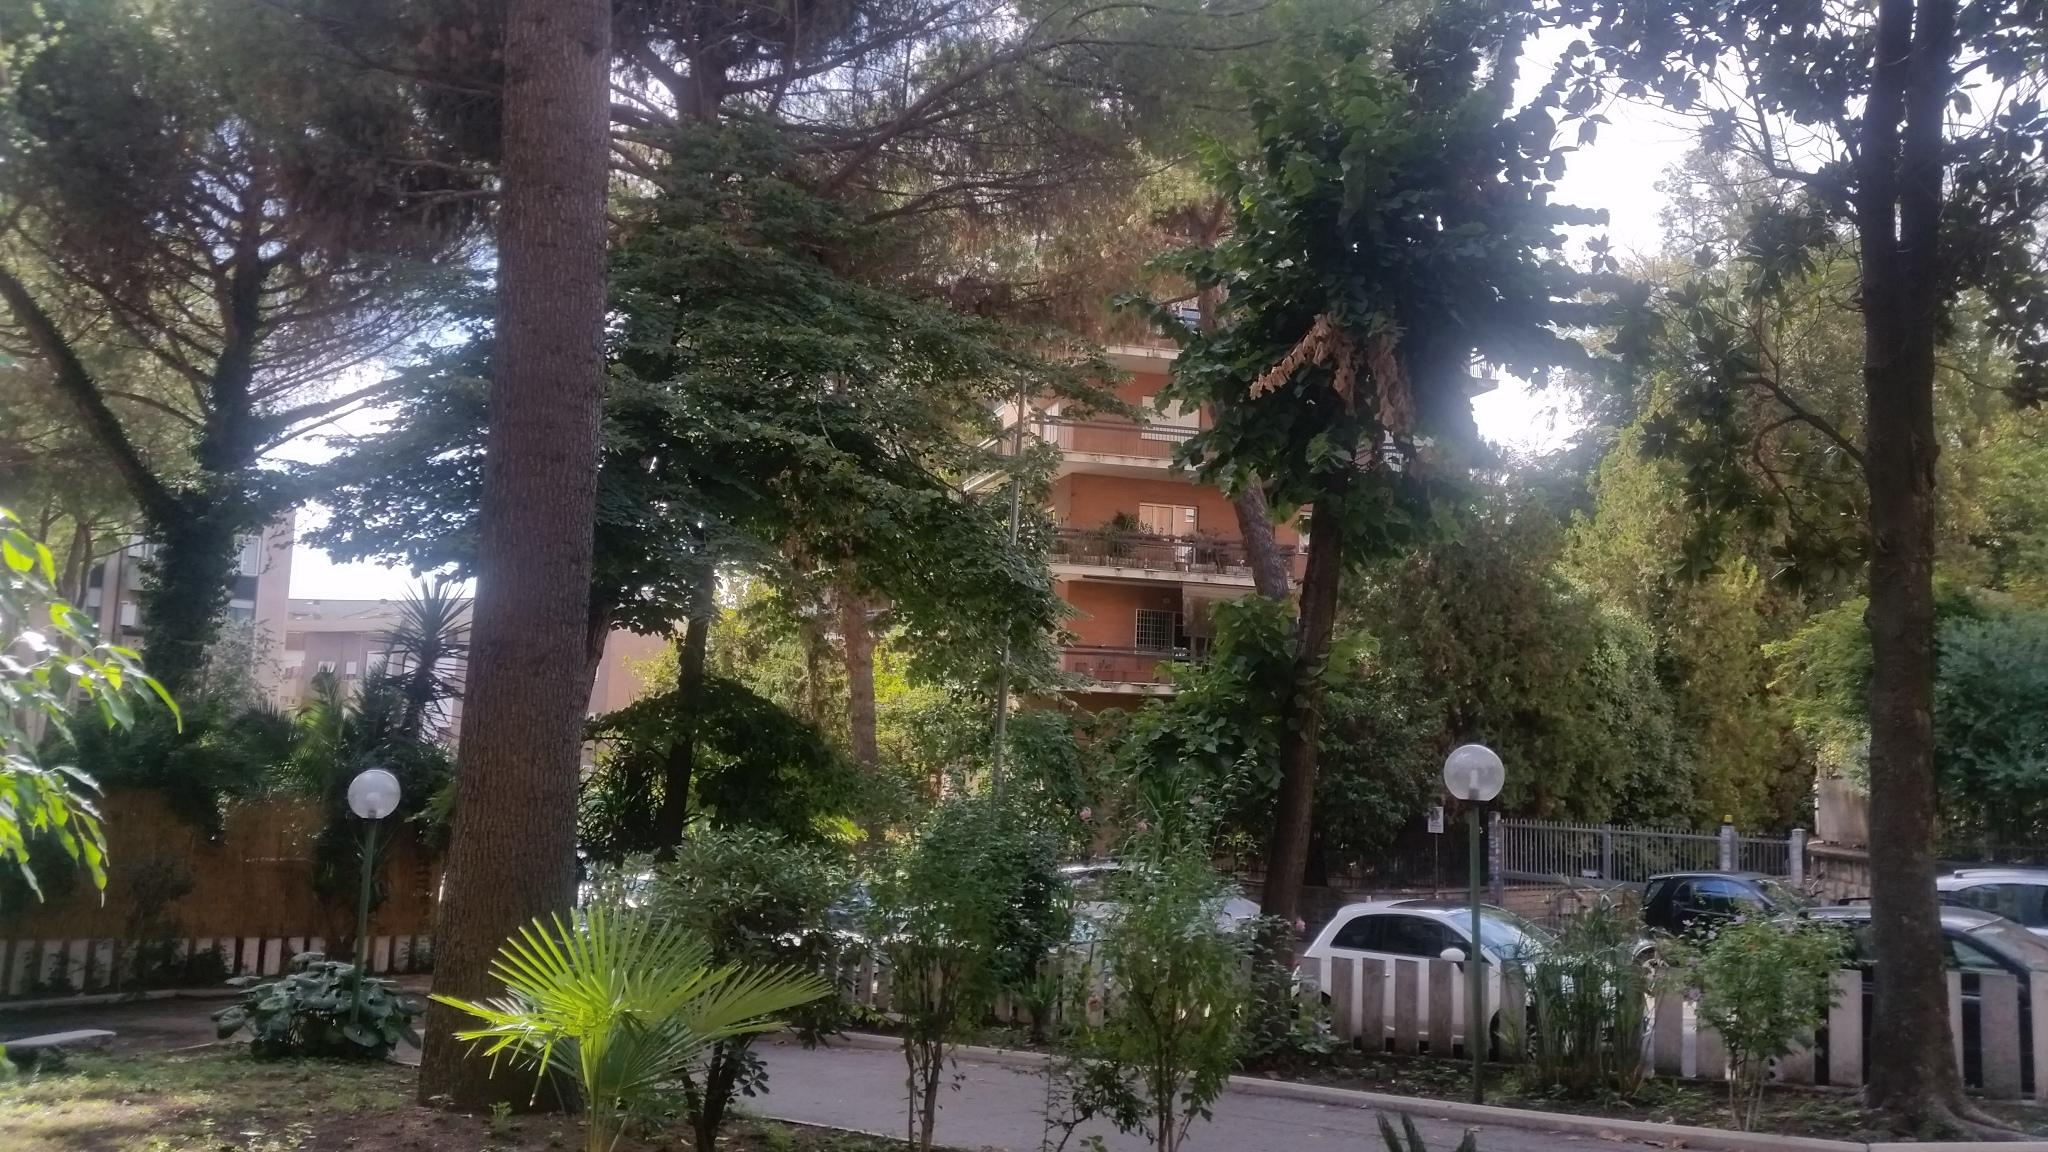 Roma,Chiusi,1 Camera da letto Camere da letto,4 Locali Locali,1 BagnoBagni,Appartamento,Chiusi,1026